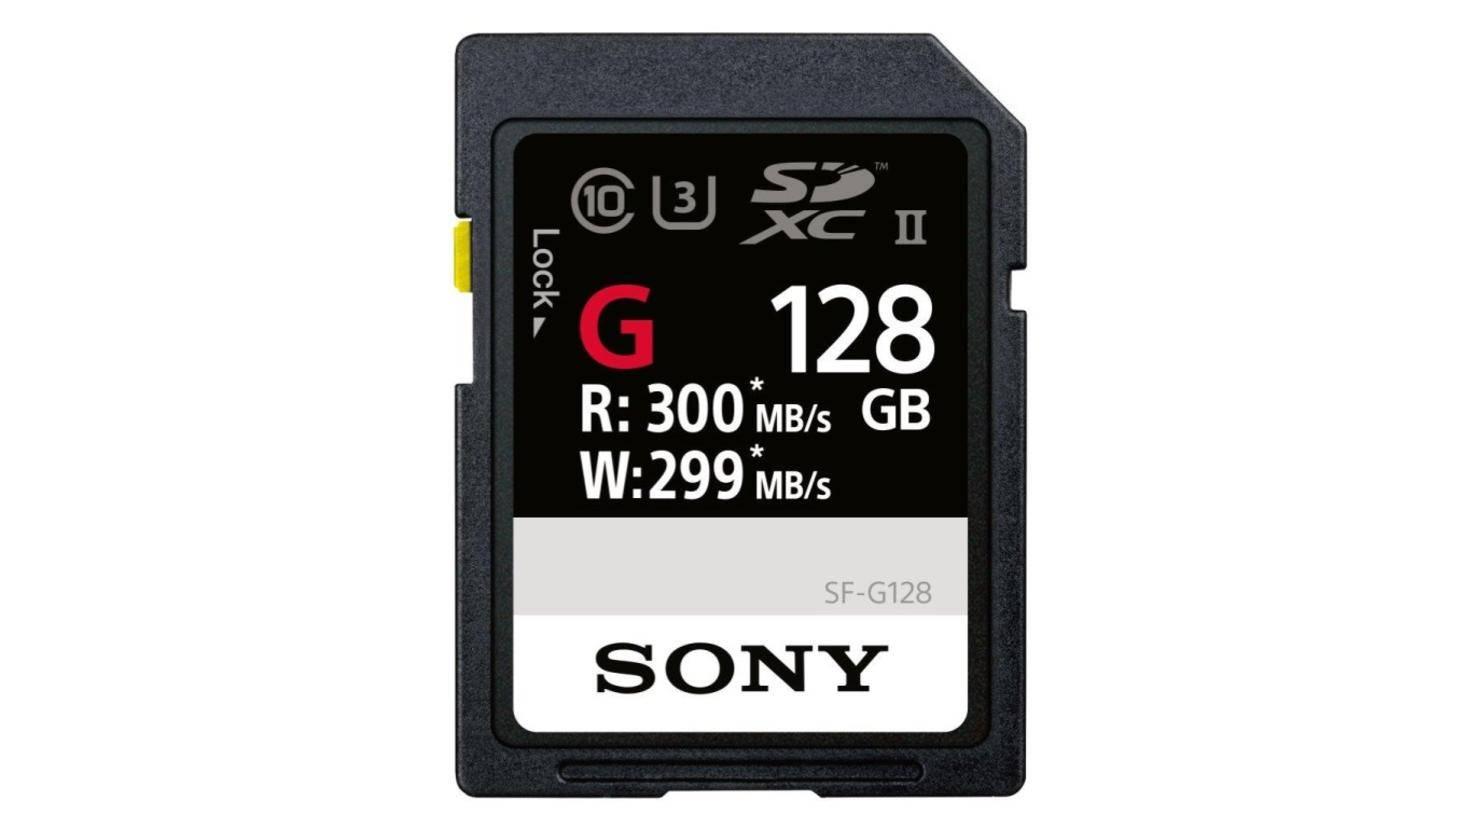 Sony SF-G128_WW1-small Speicherkarte SD-Karte